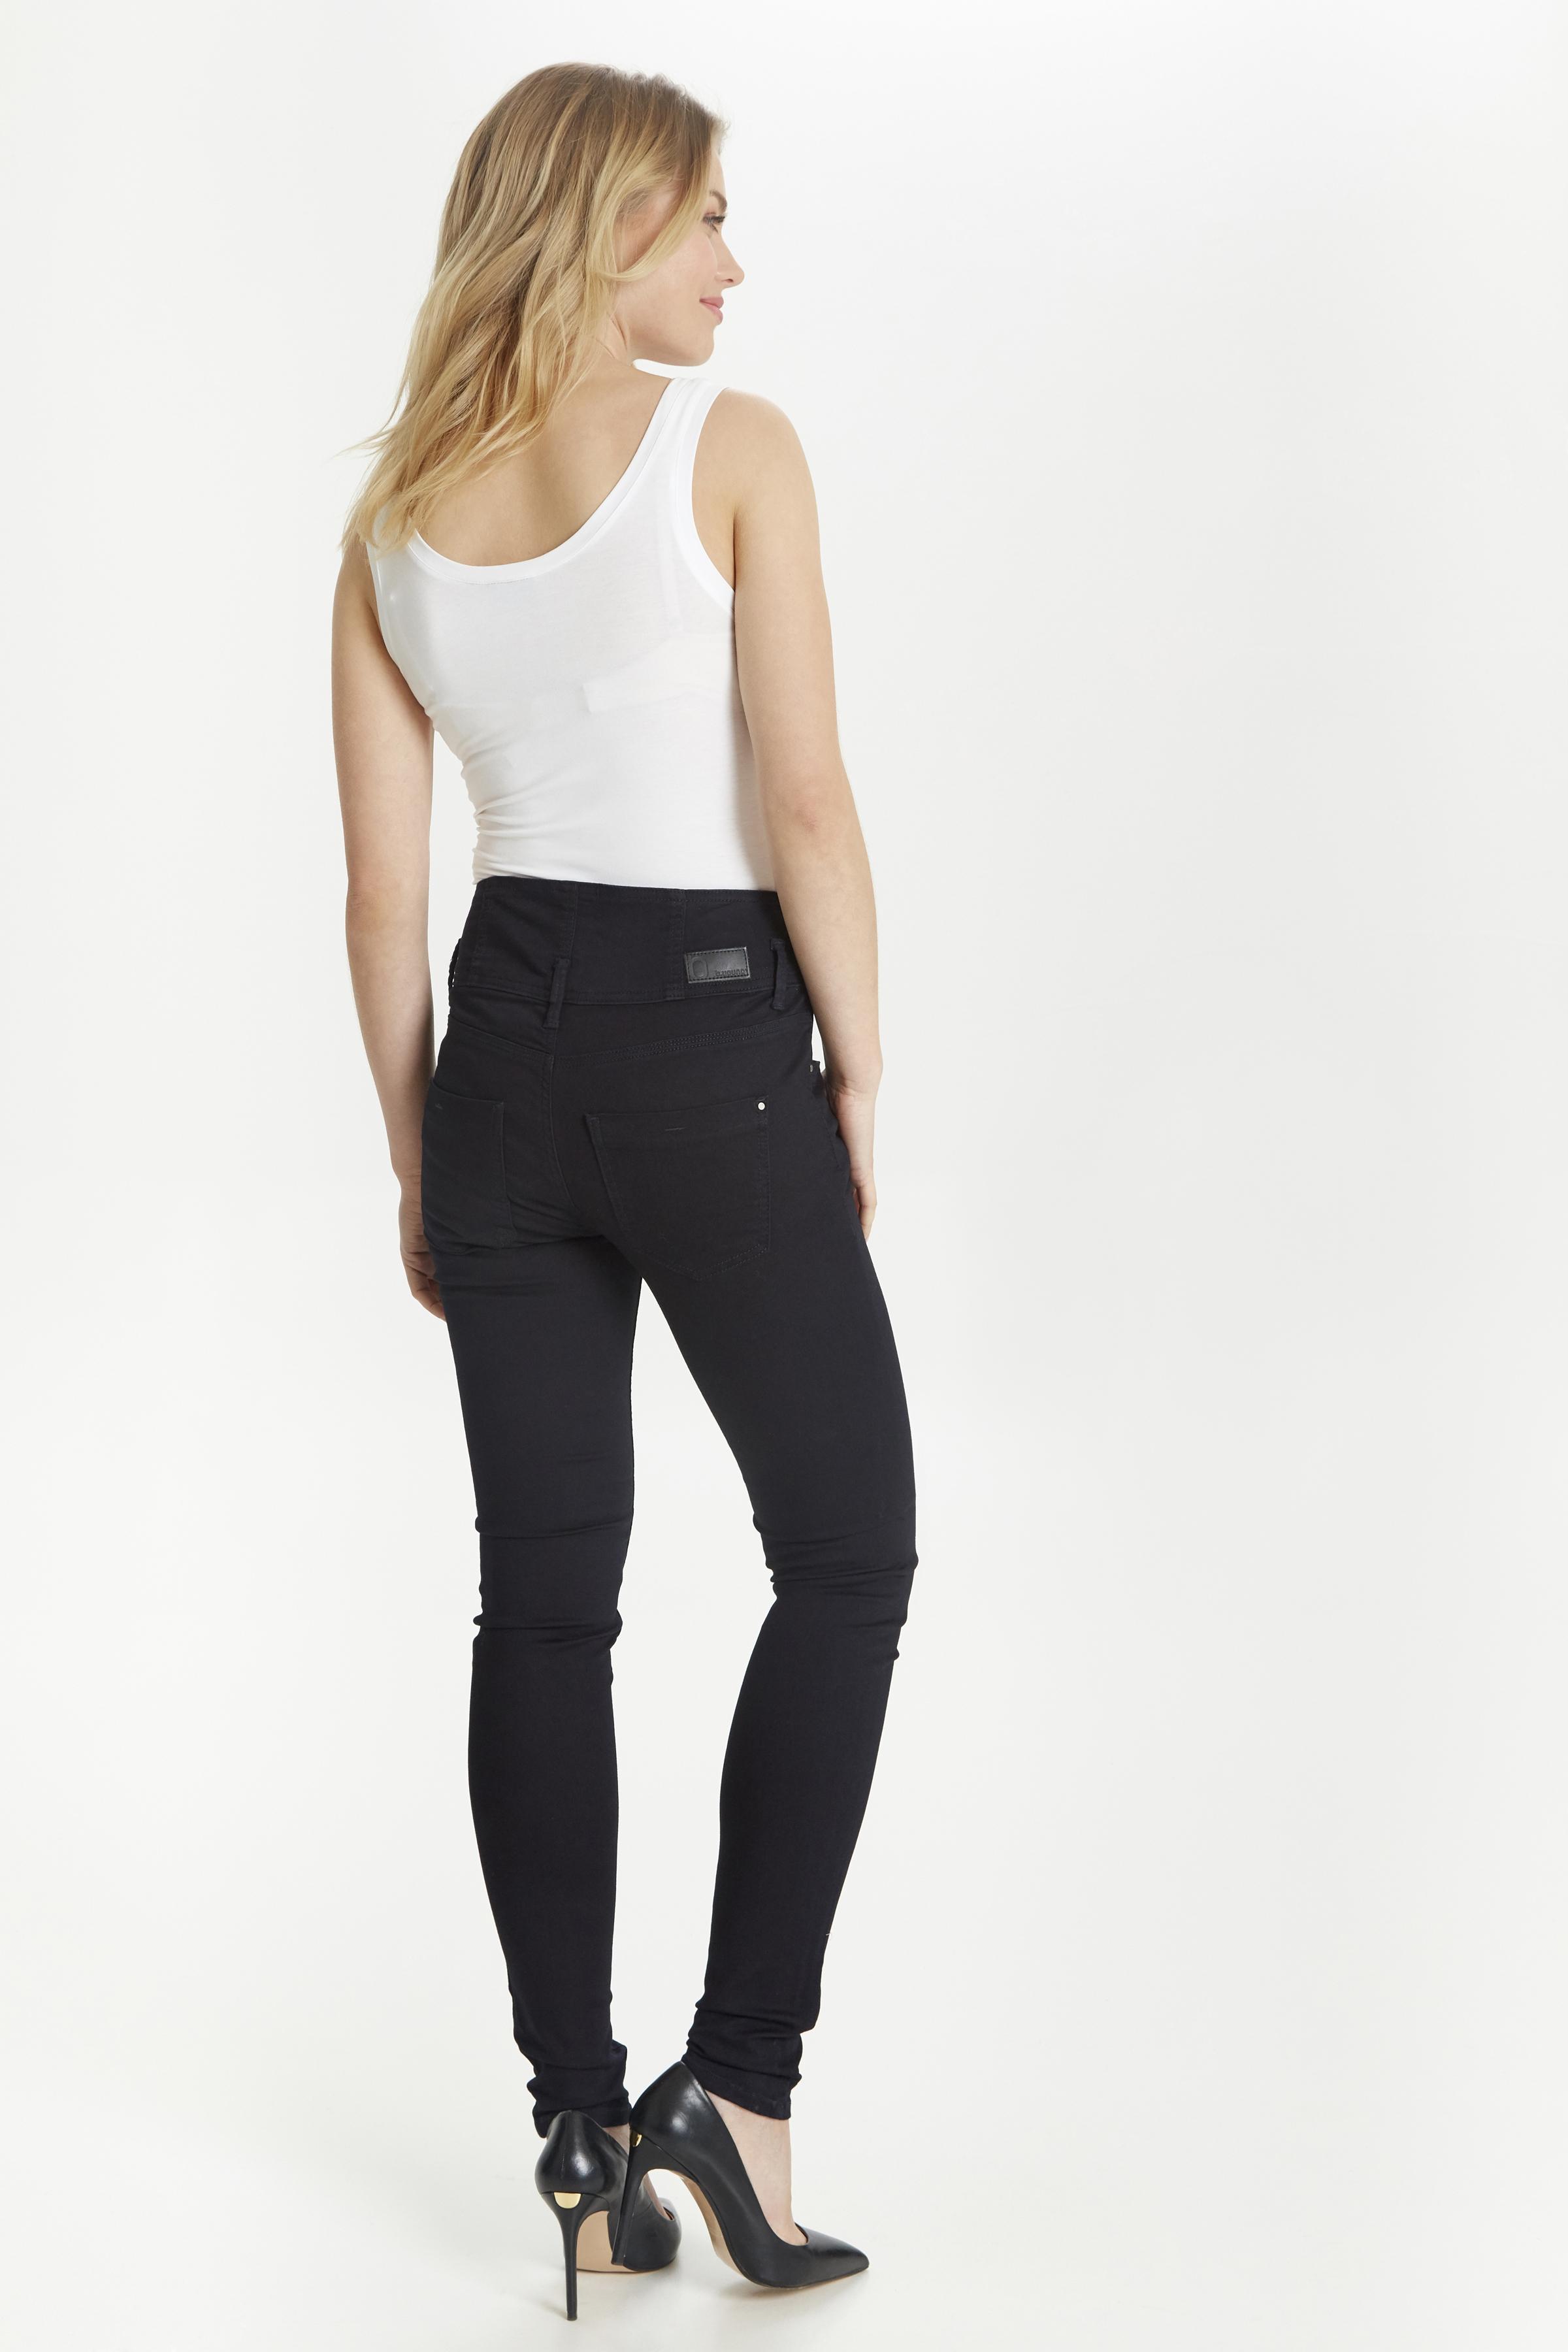 Parisian Night Gelya highwaist slim Jeans von b.young – Kaufen Sie Parisian Night Gelya highwaist slim Jeans aus Größe 25-32 hier